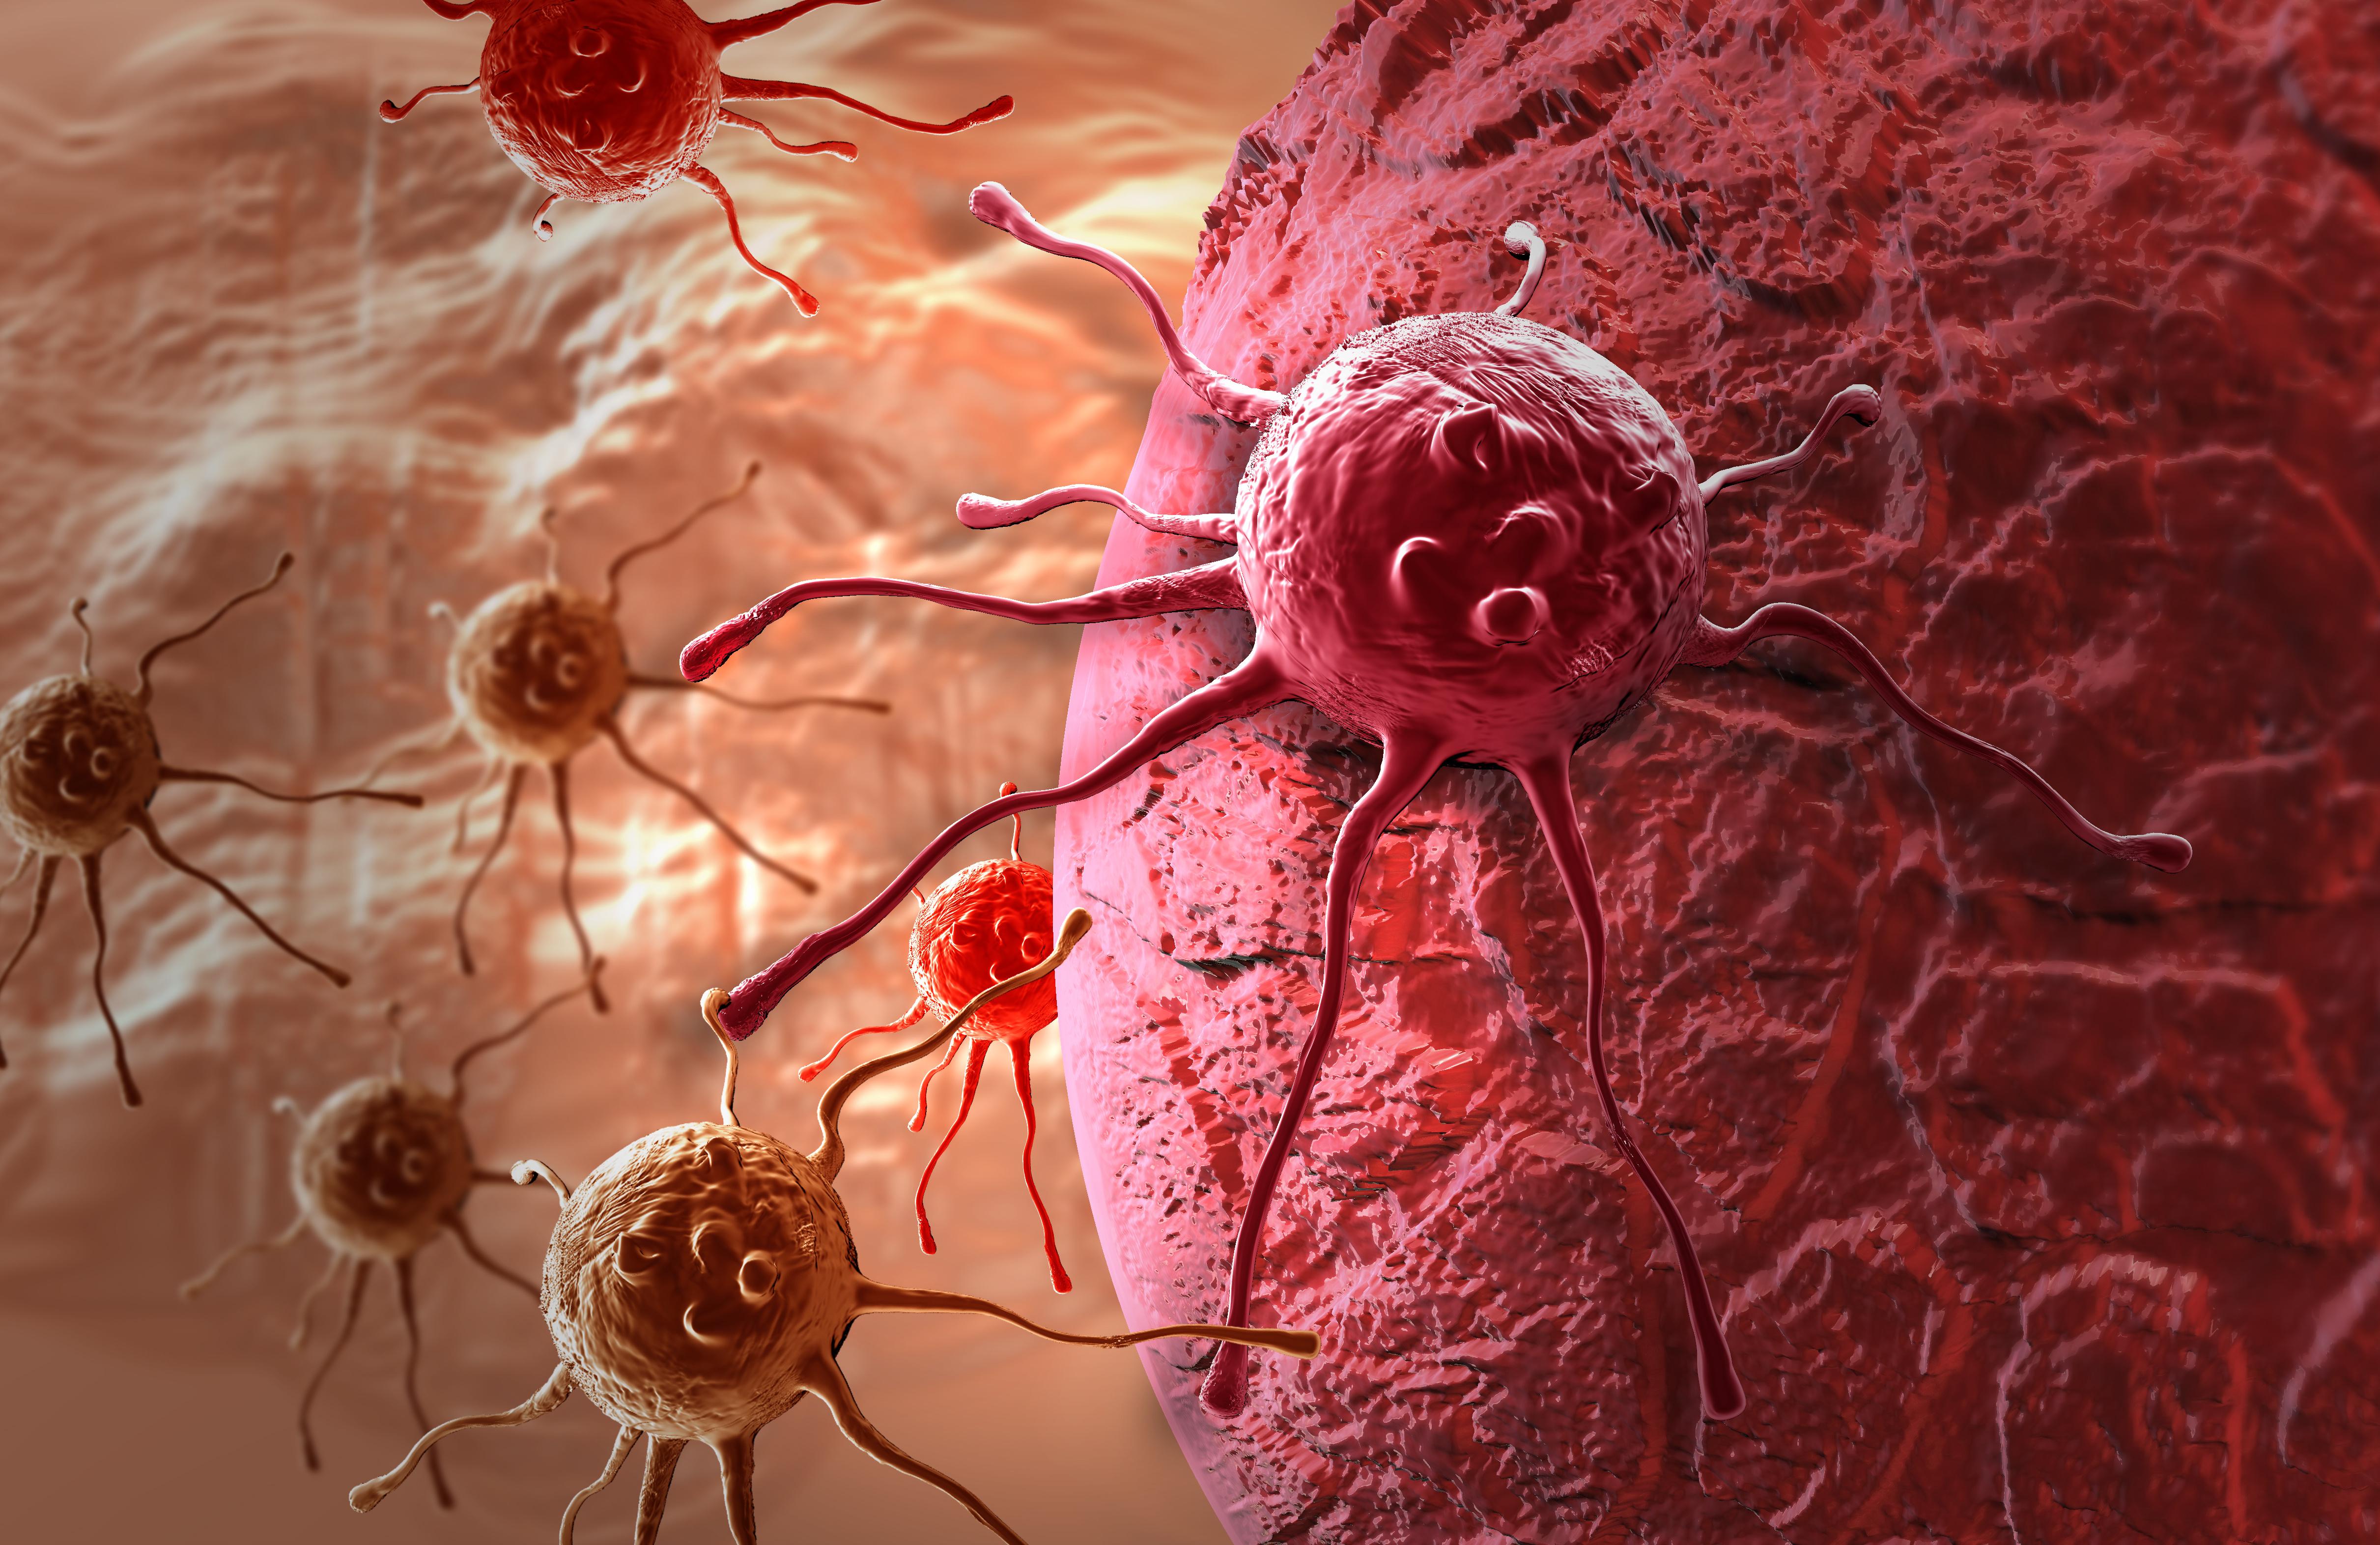 раковые клетки картинки частное